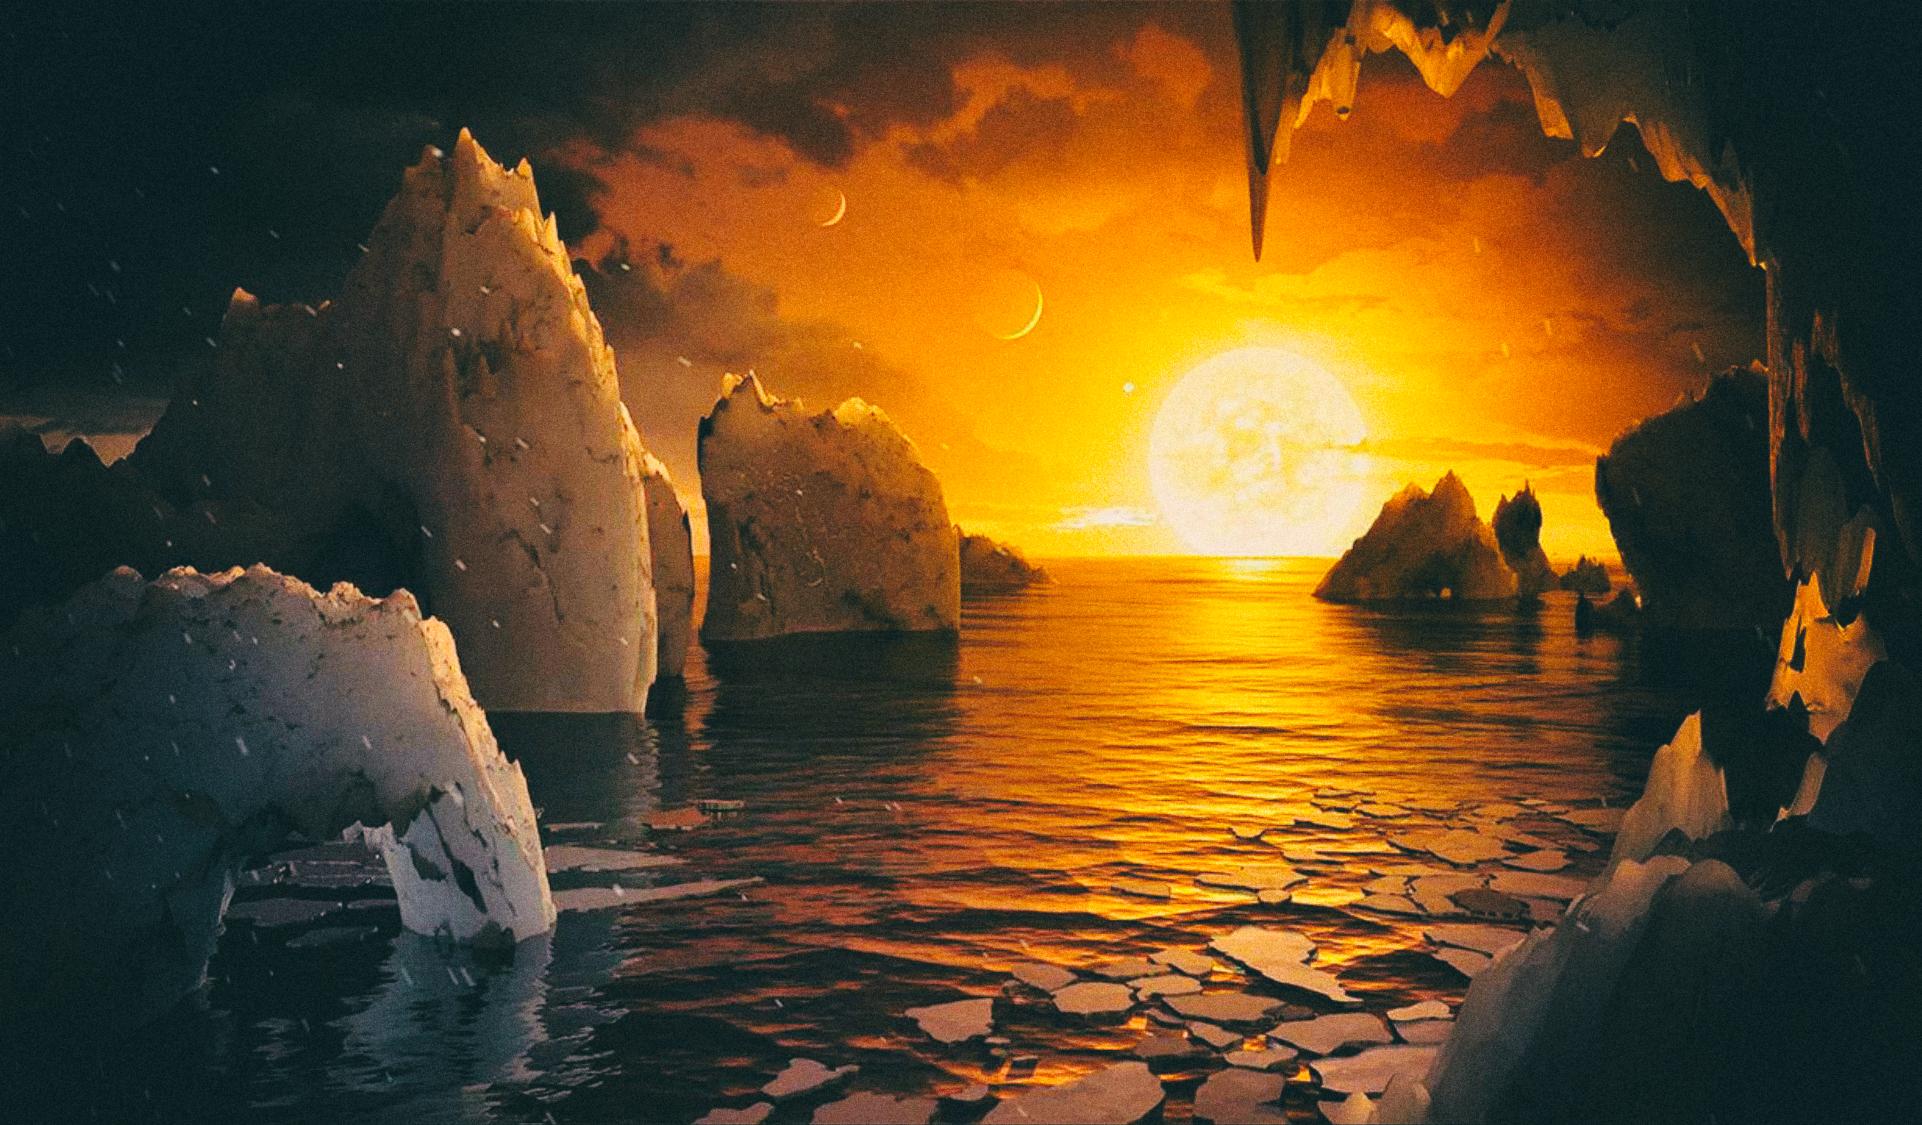 5 странных миров, на которых может существовать инопланетная жизнь